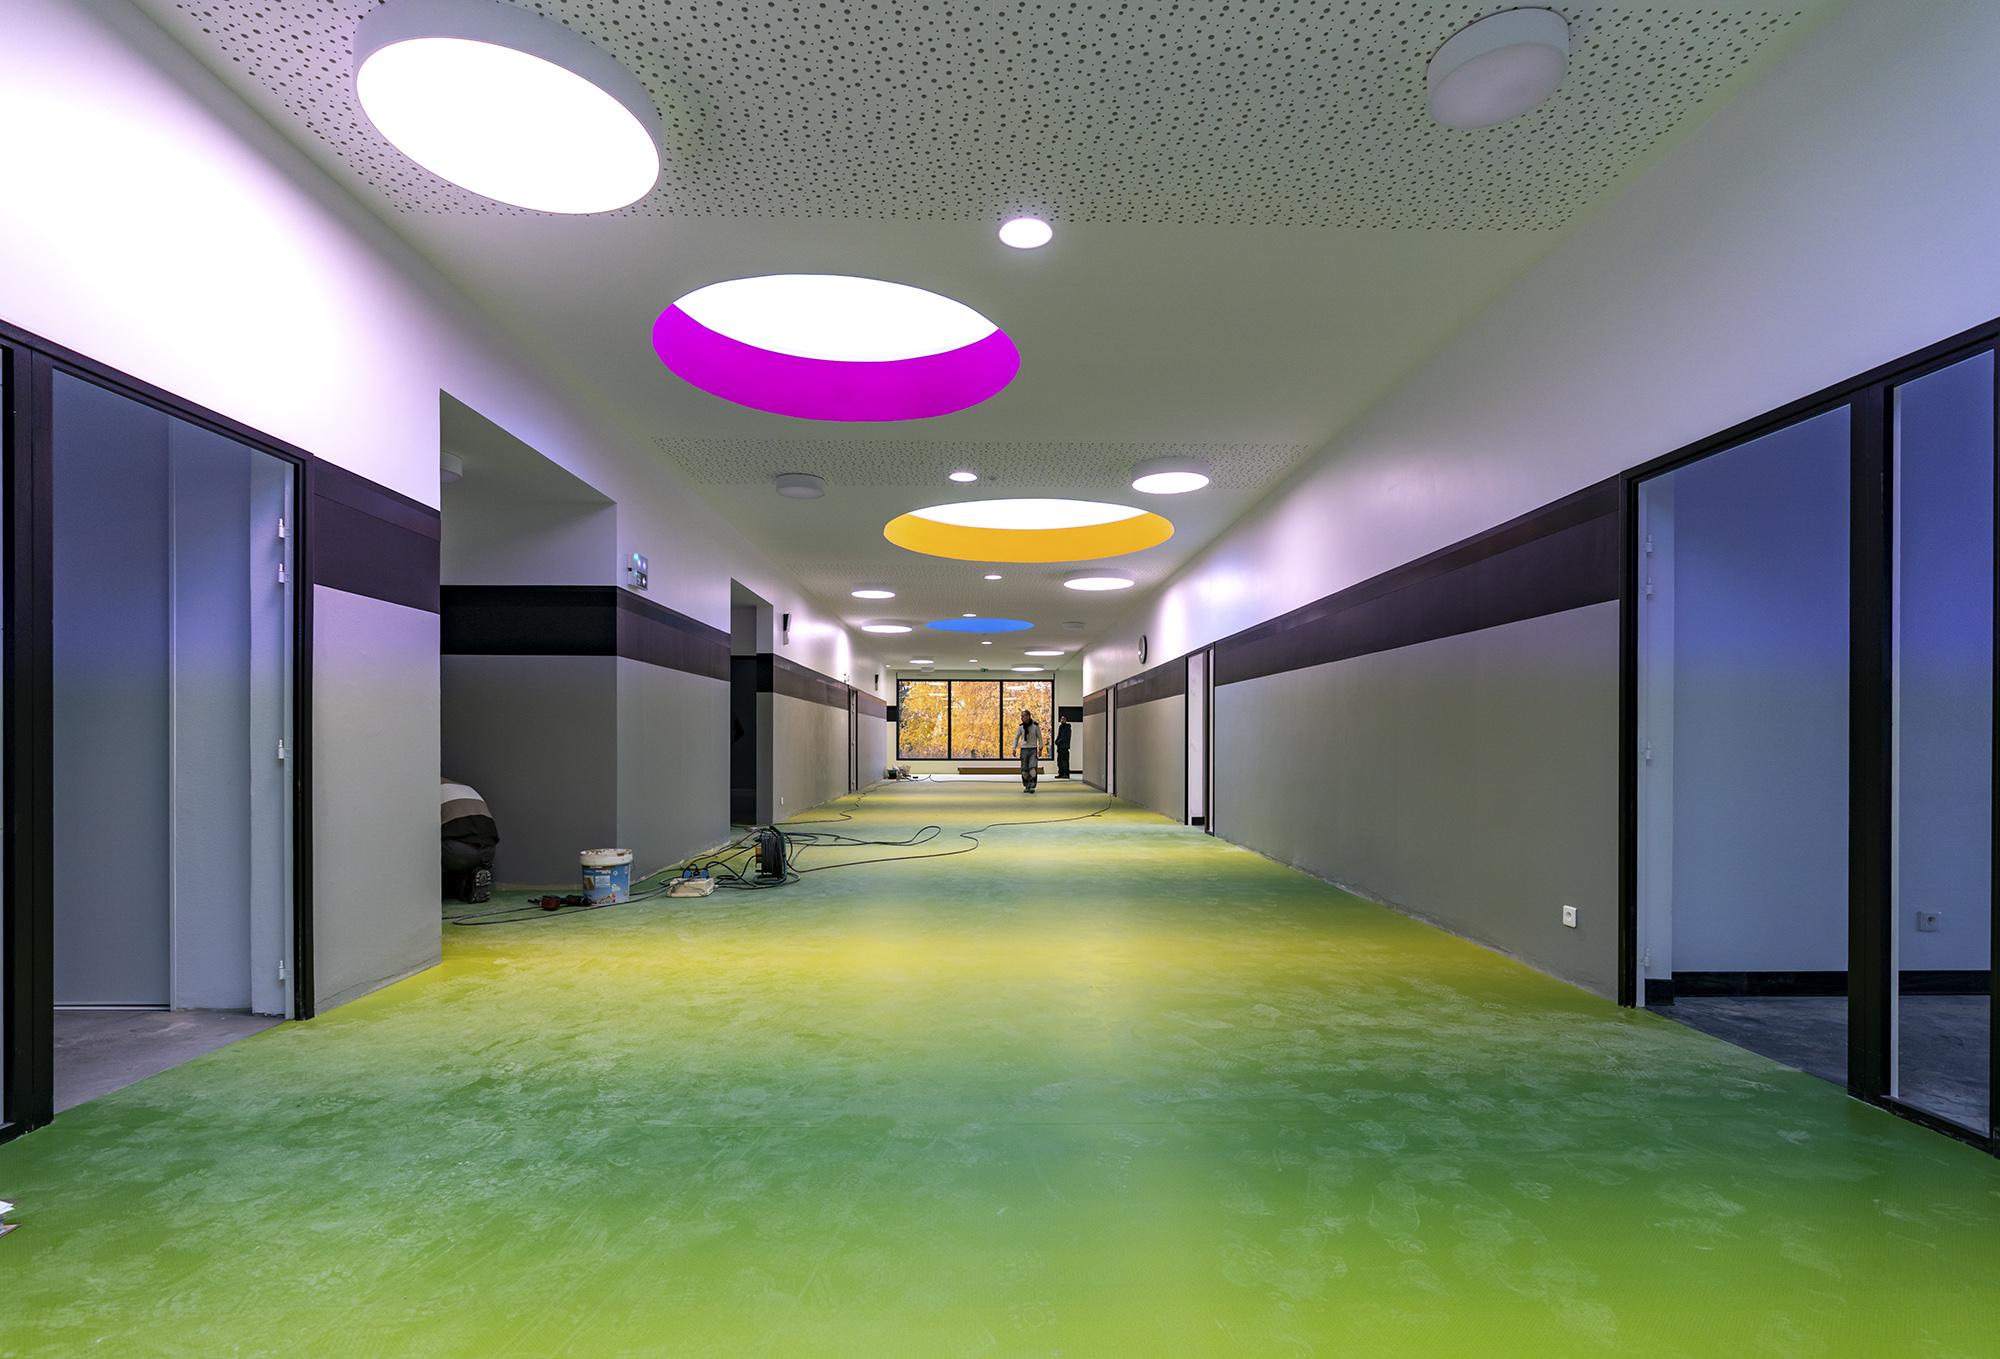 Chouette-architecture-école-élémentaire-Saint-Seine-en-Bâche-2000-7